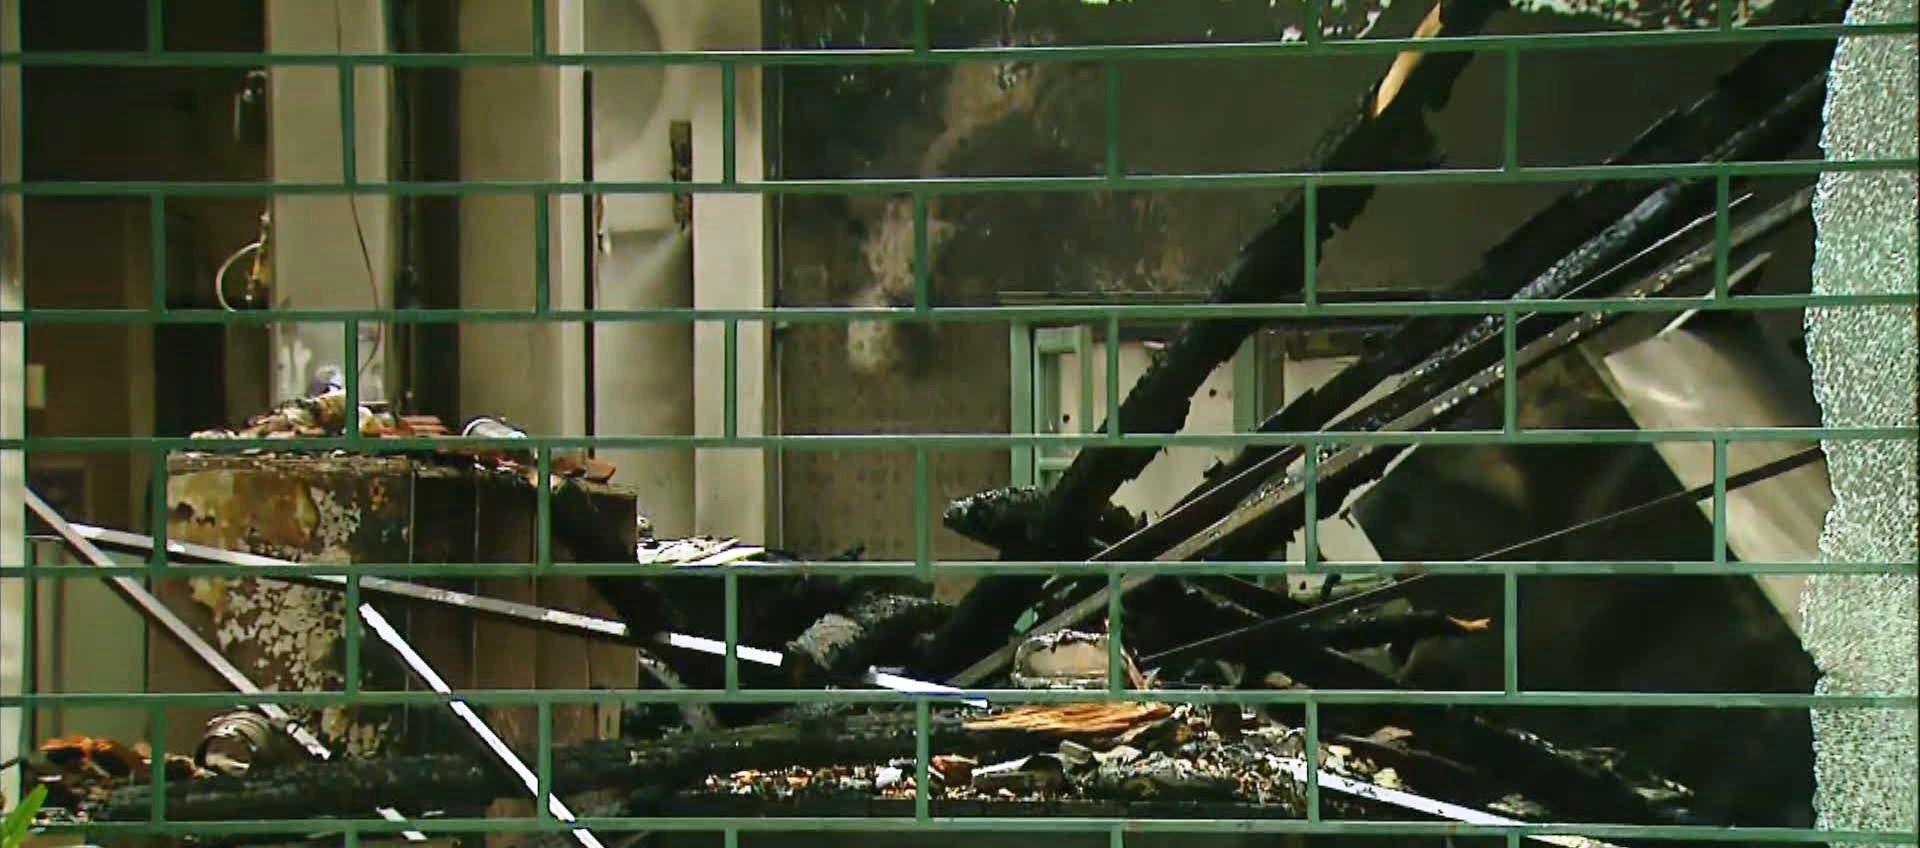 Defesa Civil suspeita que fogo em prédio de Mococa começou em parte elétrica e analisa estrutura